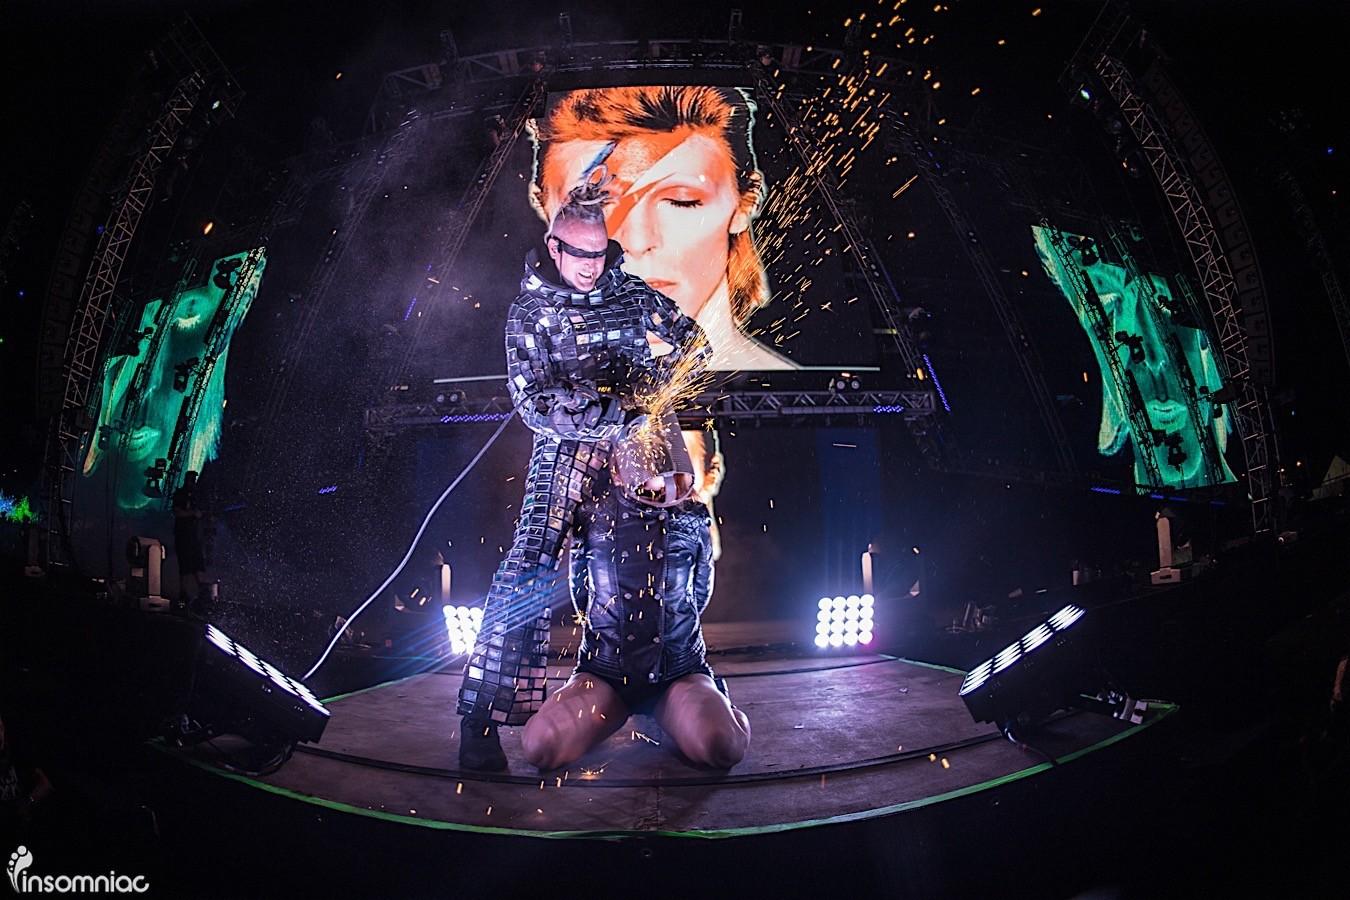 16143552_10154957349700970_680384730143653693_o Los 20 DJs con más apariciones en la historia de Ultra Music Festival